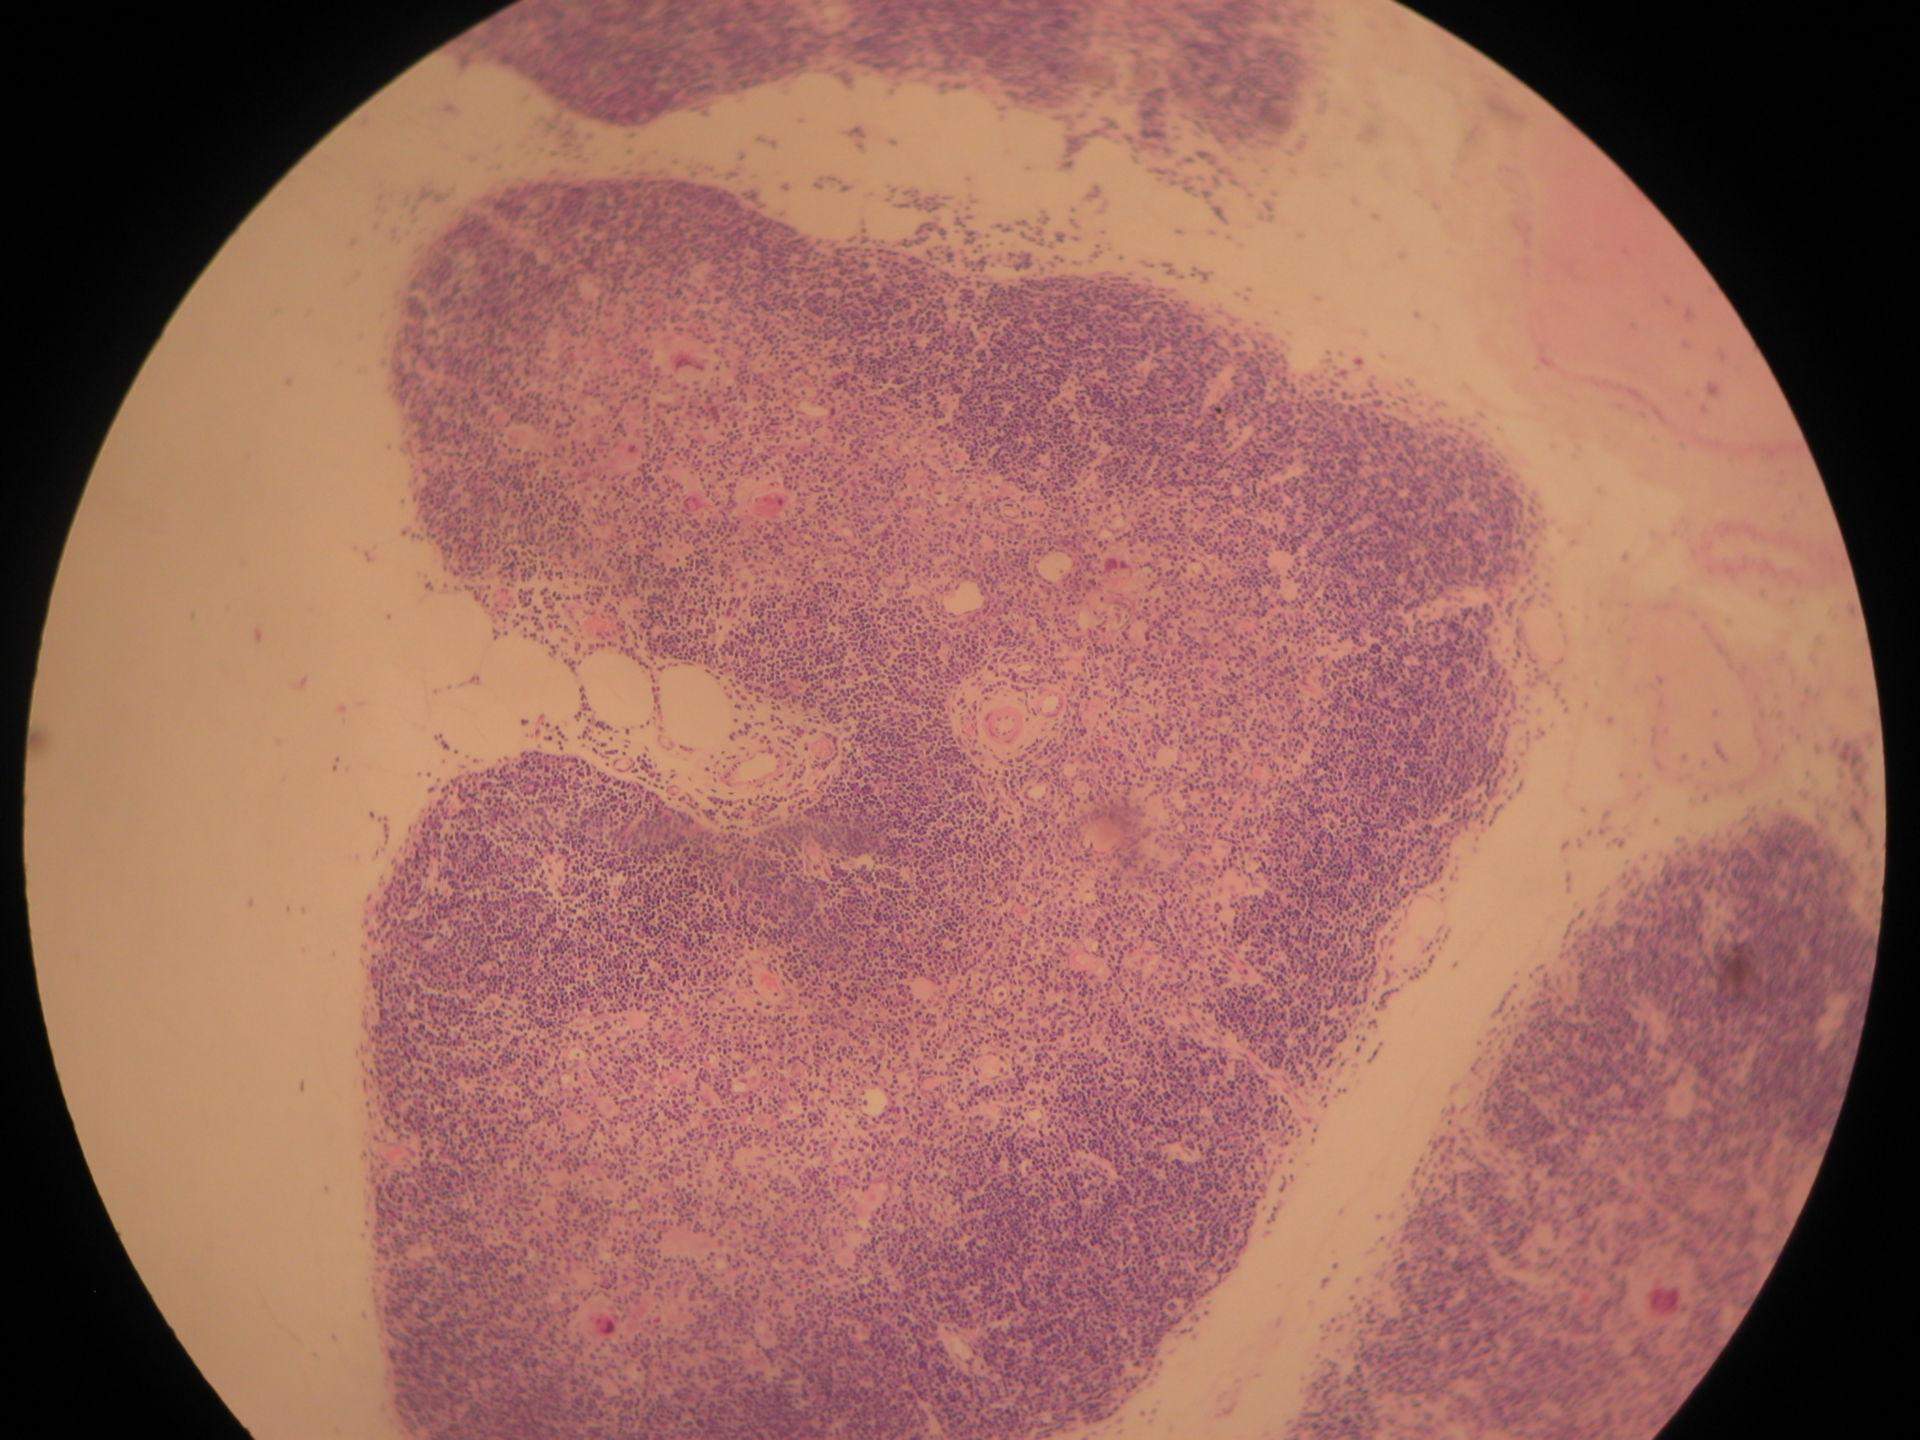 Thymus des Schafes 4 - Läppchen